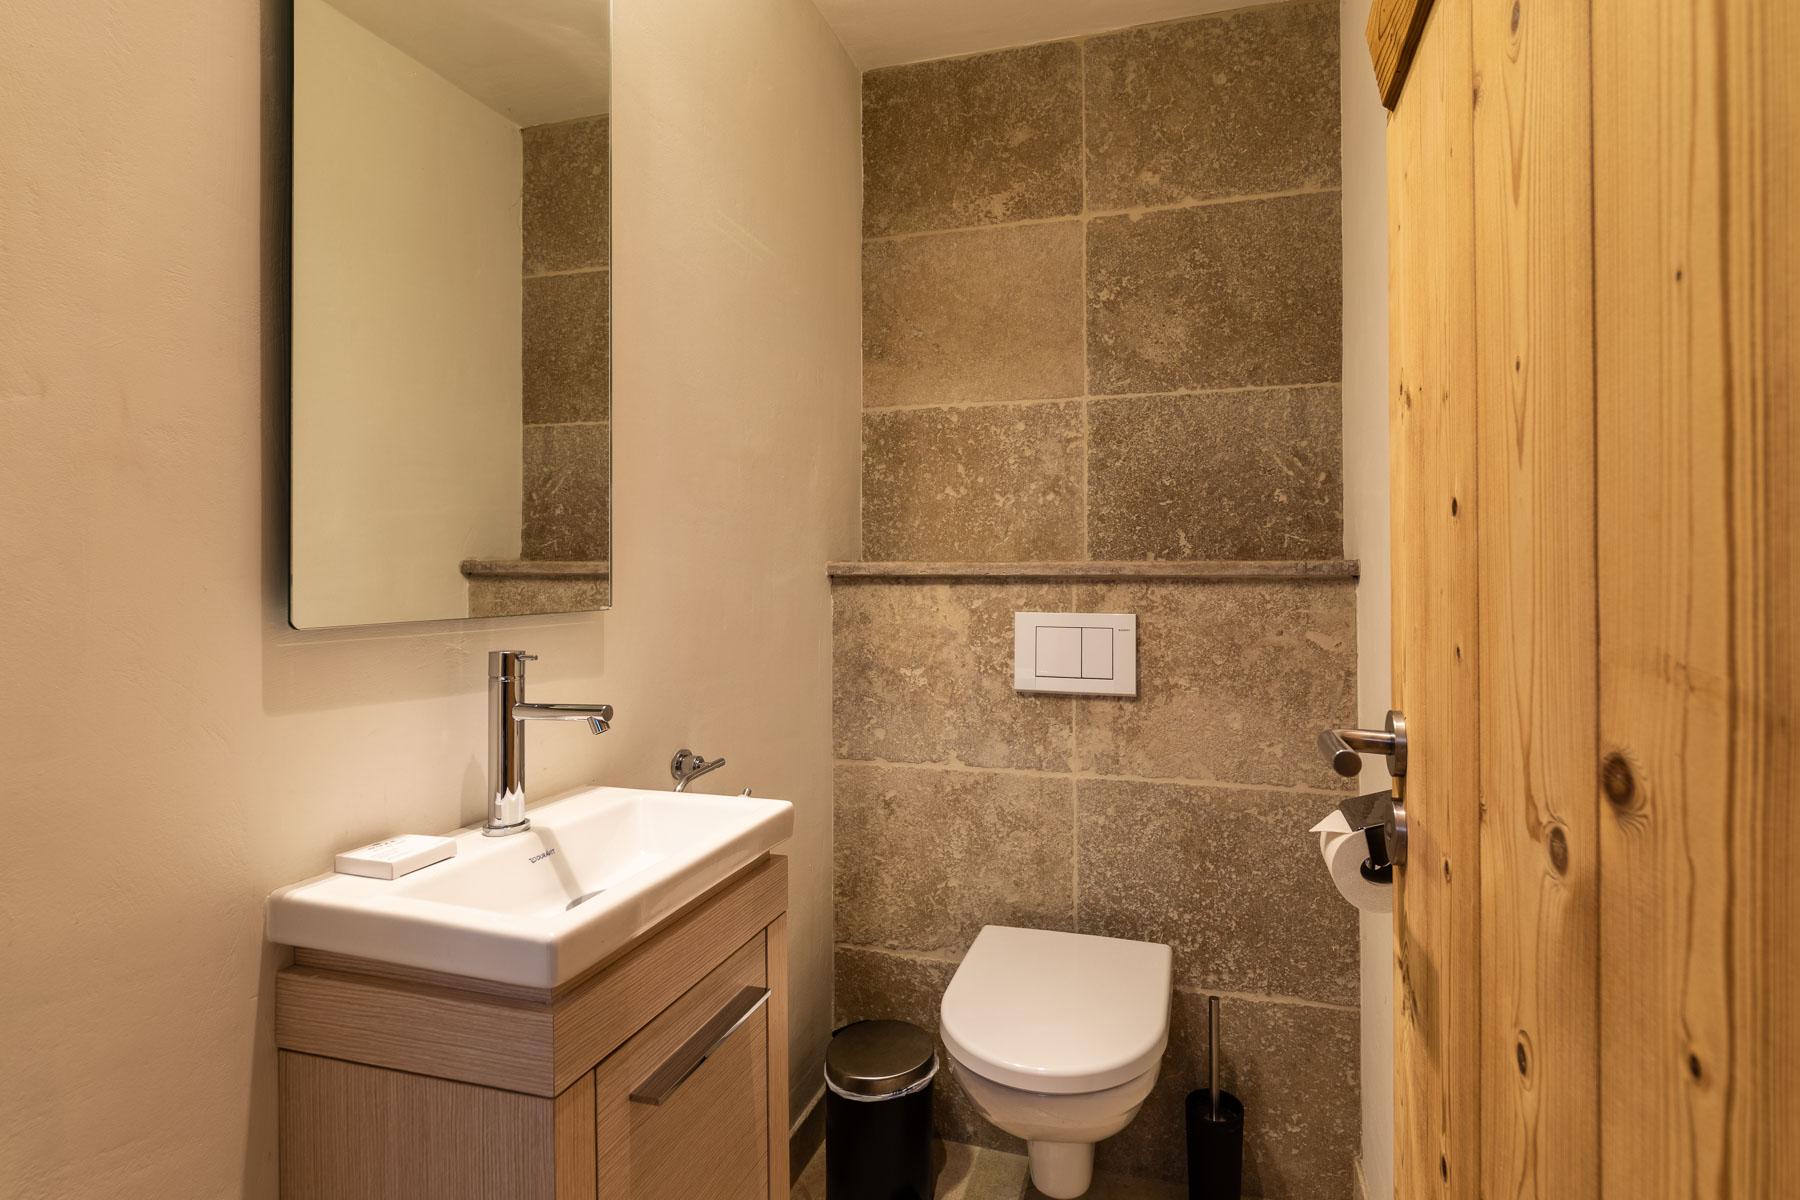 Omaroo 2 Separate Toilet